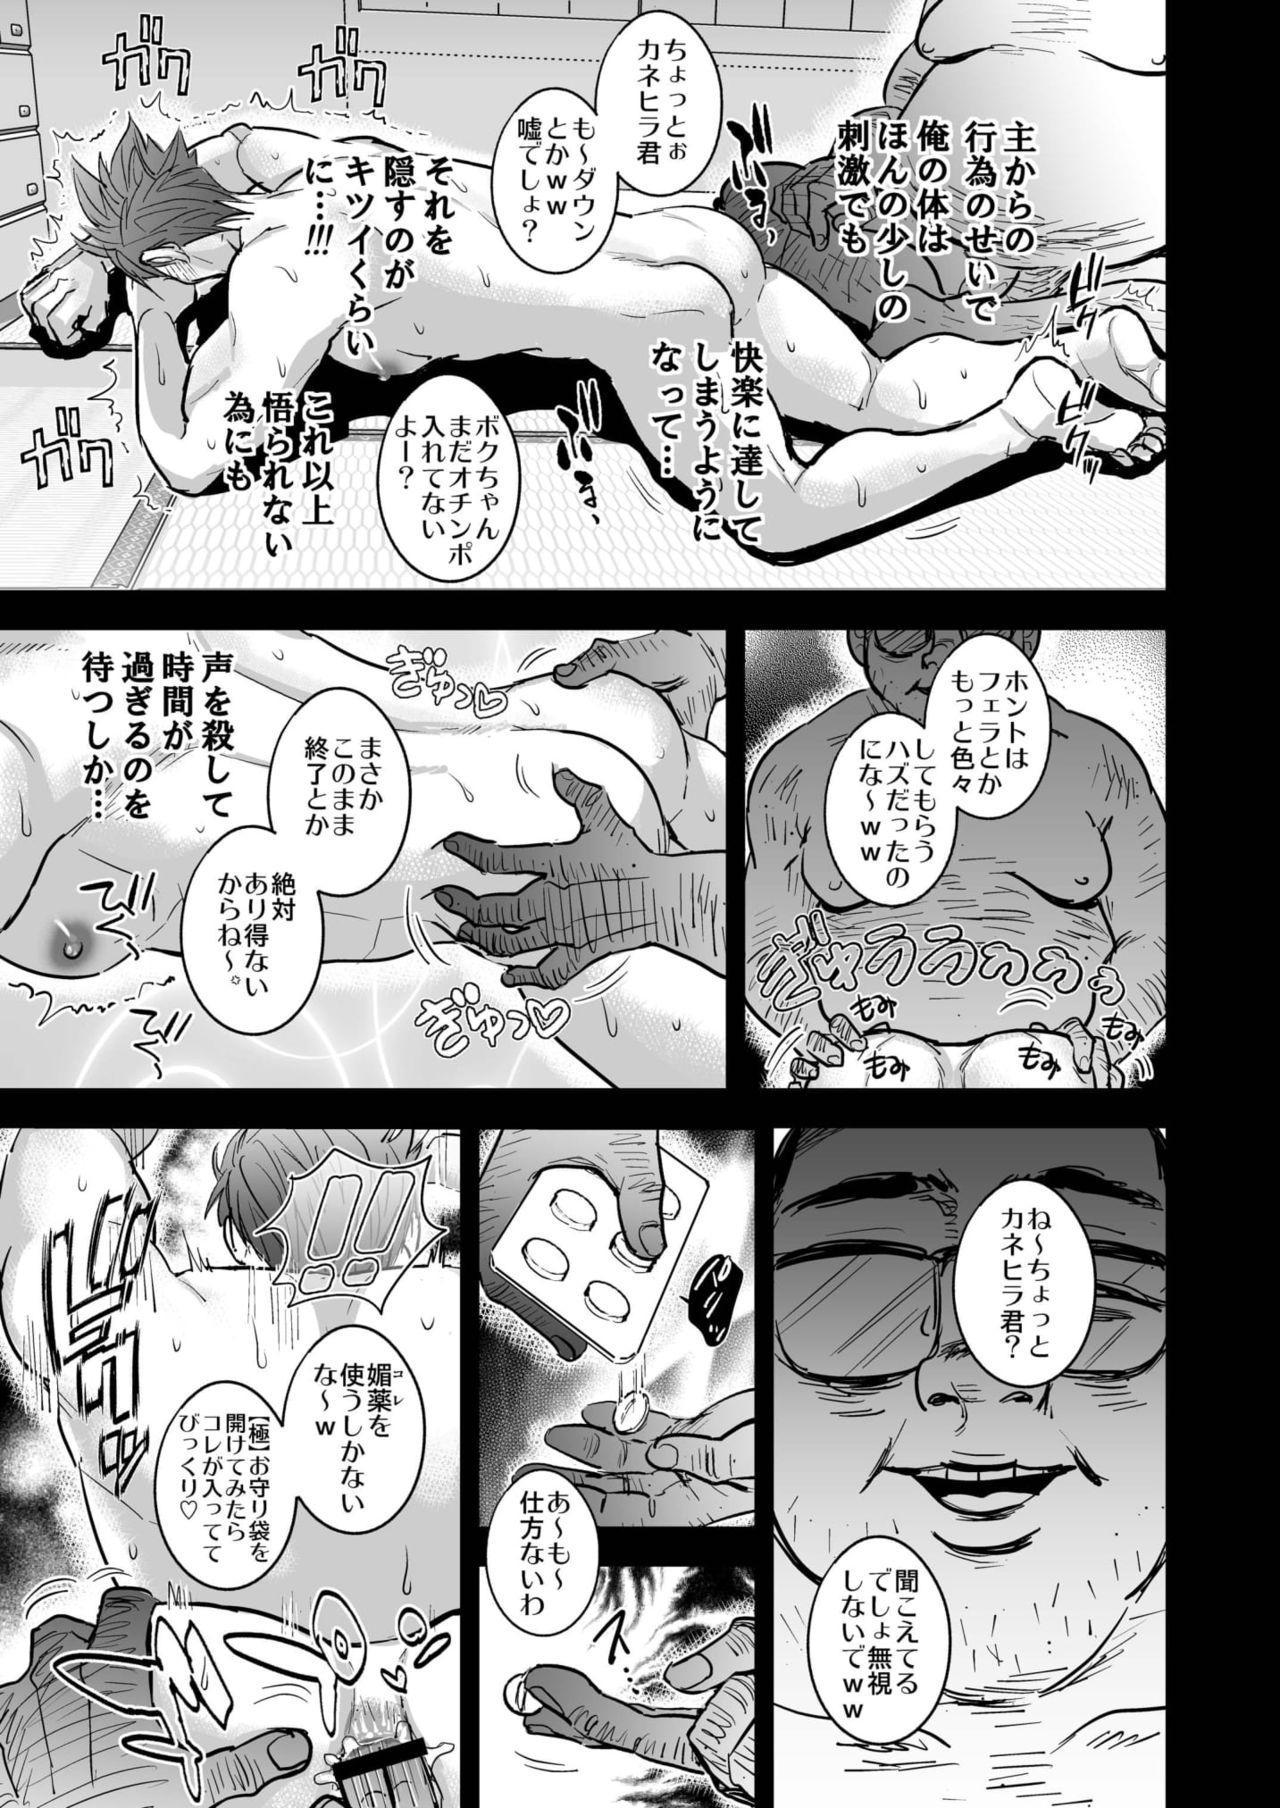 Non-stop Ryoujoku SEX Meibutsu Ookanehira, Kyokusei no Sho 12